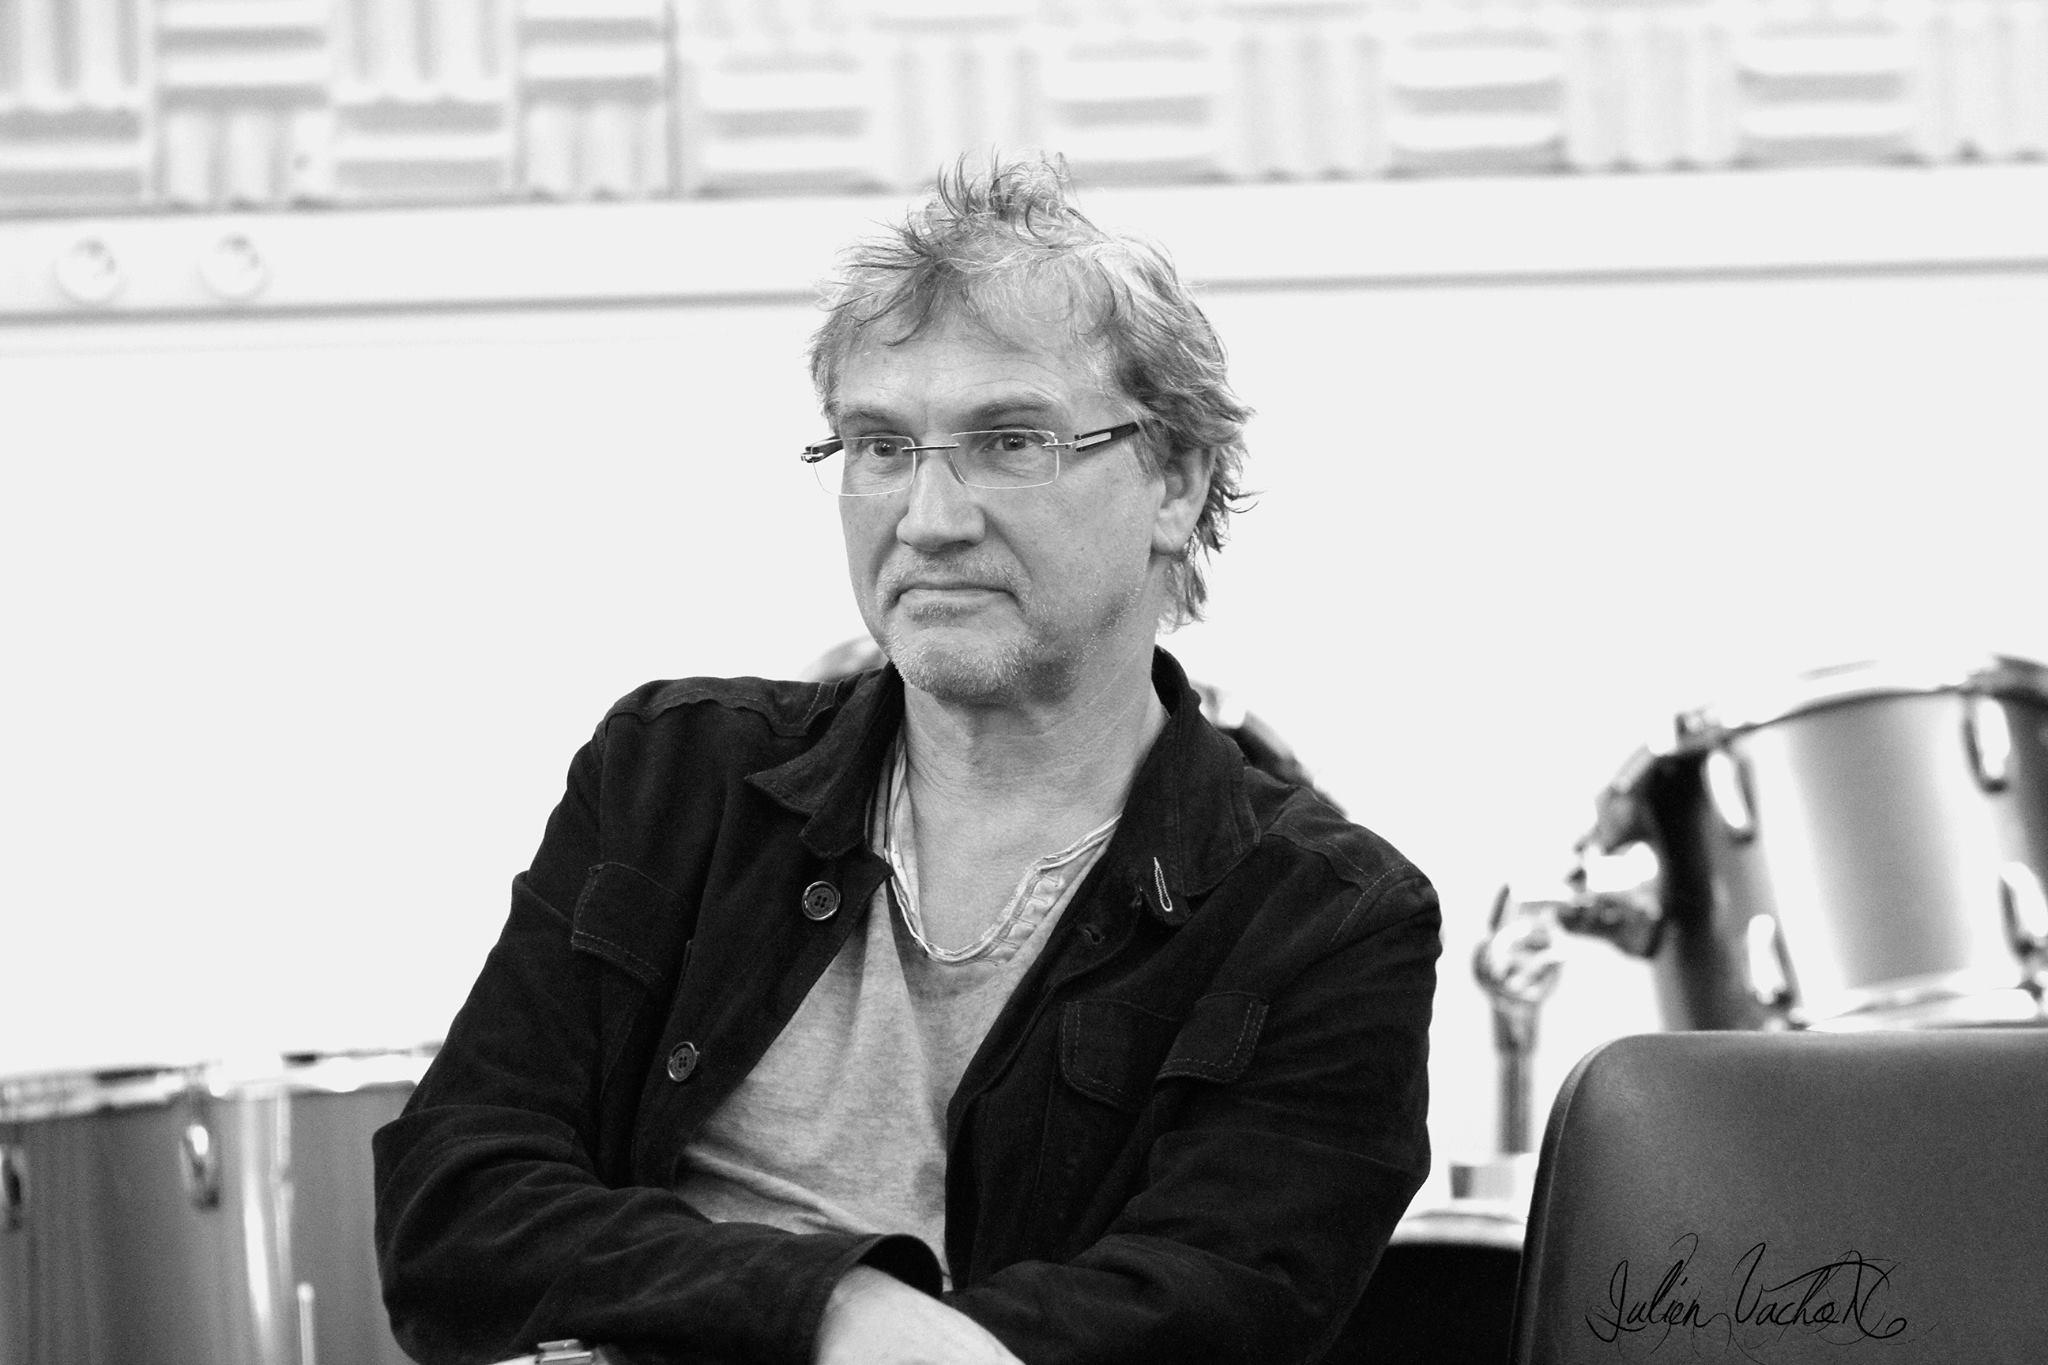 Serge Perathoner